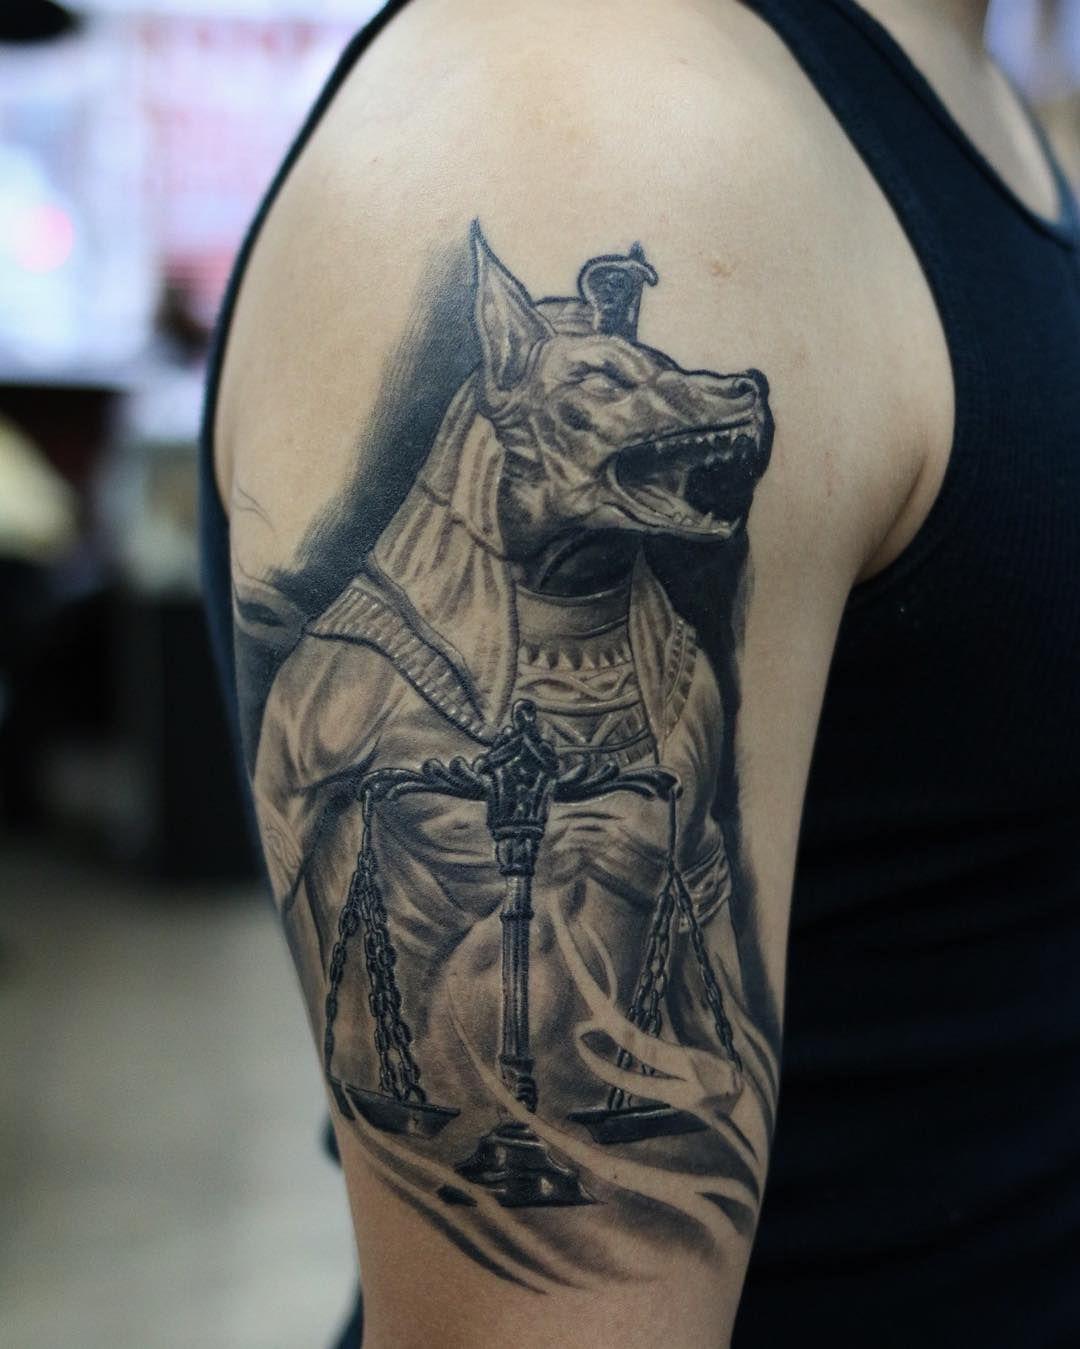 Sleeve Tattoo Designs Half Sleeve Tattoo Designs Fox Half Sleeve Half Sleeve Tattoos Designs Tattoos For Guys Best Sleeve Tattoos